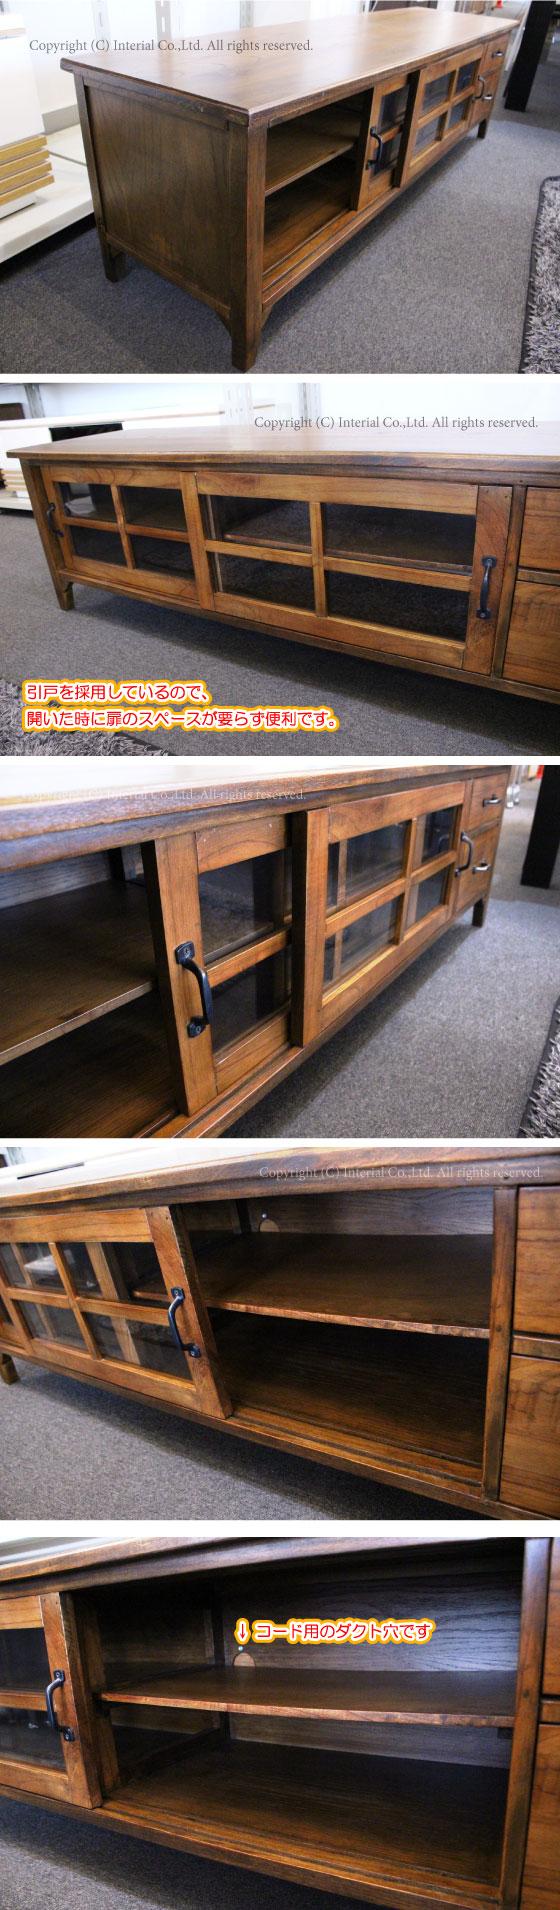 幅150cm・天然木ミンディ製テレビボード(完成品)